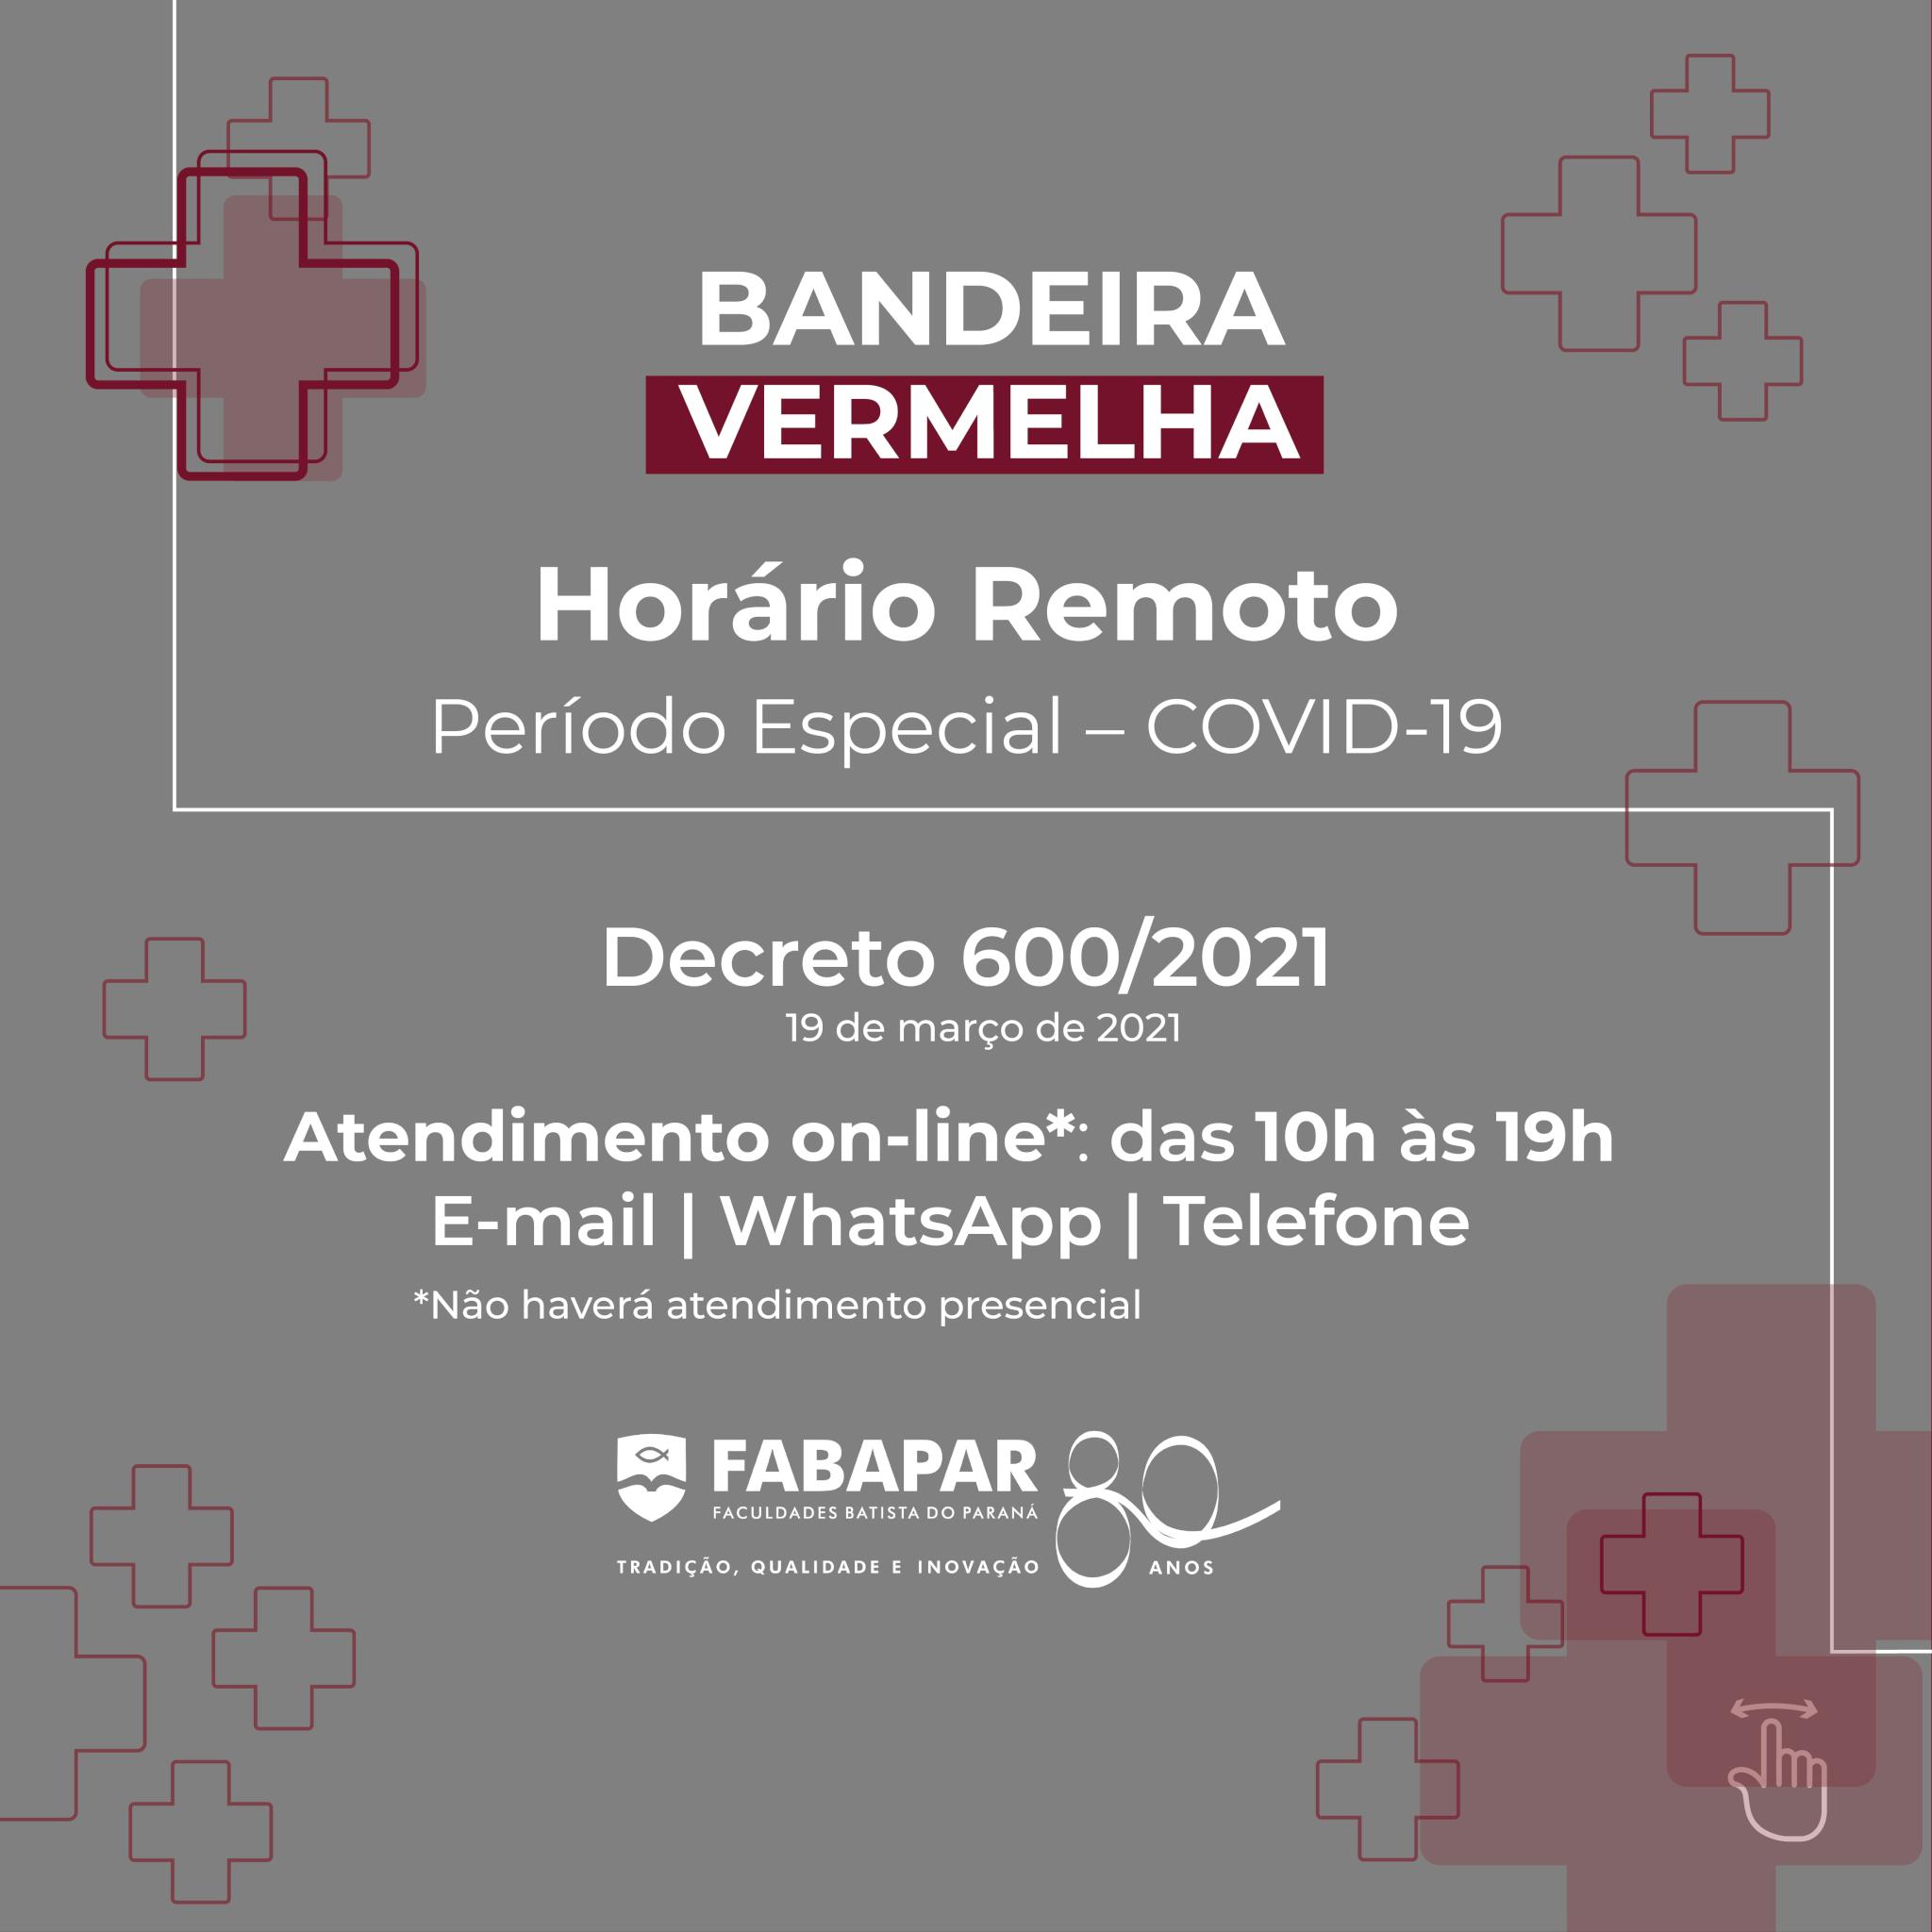 BANDEIRA VERMELHA – HORÁRIO DE ATENDIMENTO